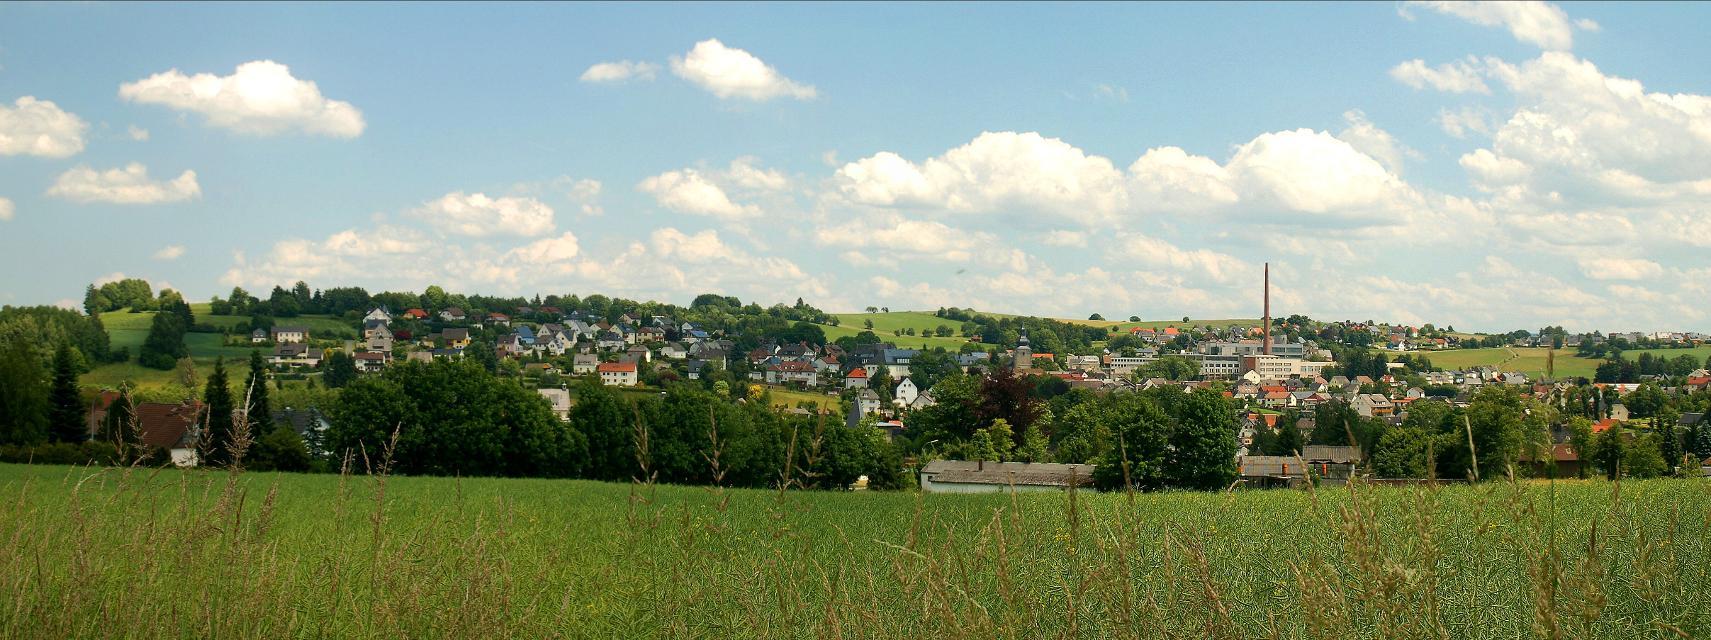 Blick auf Stammbach